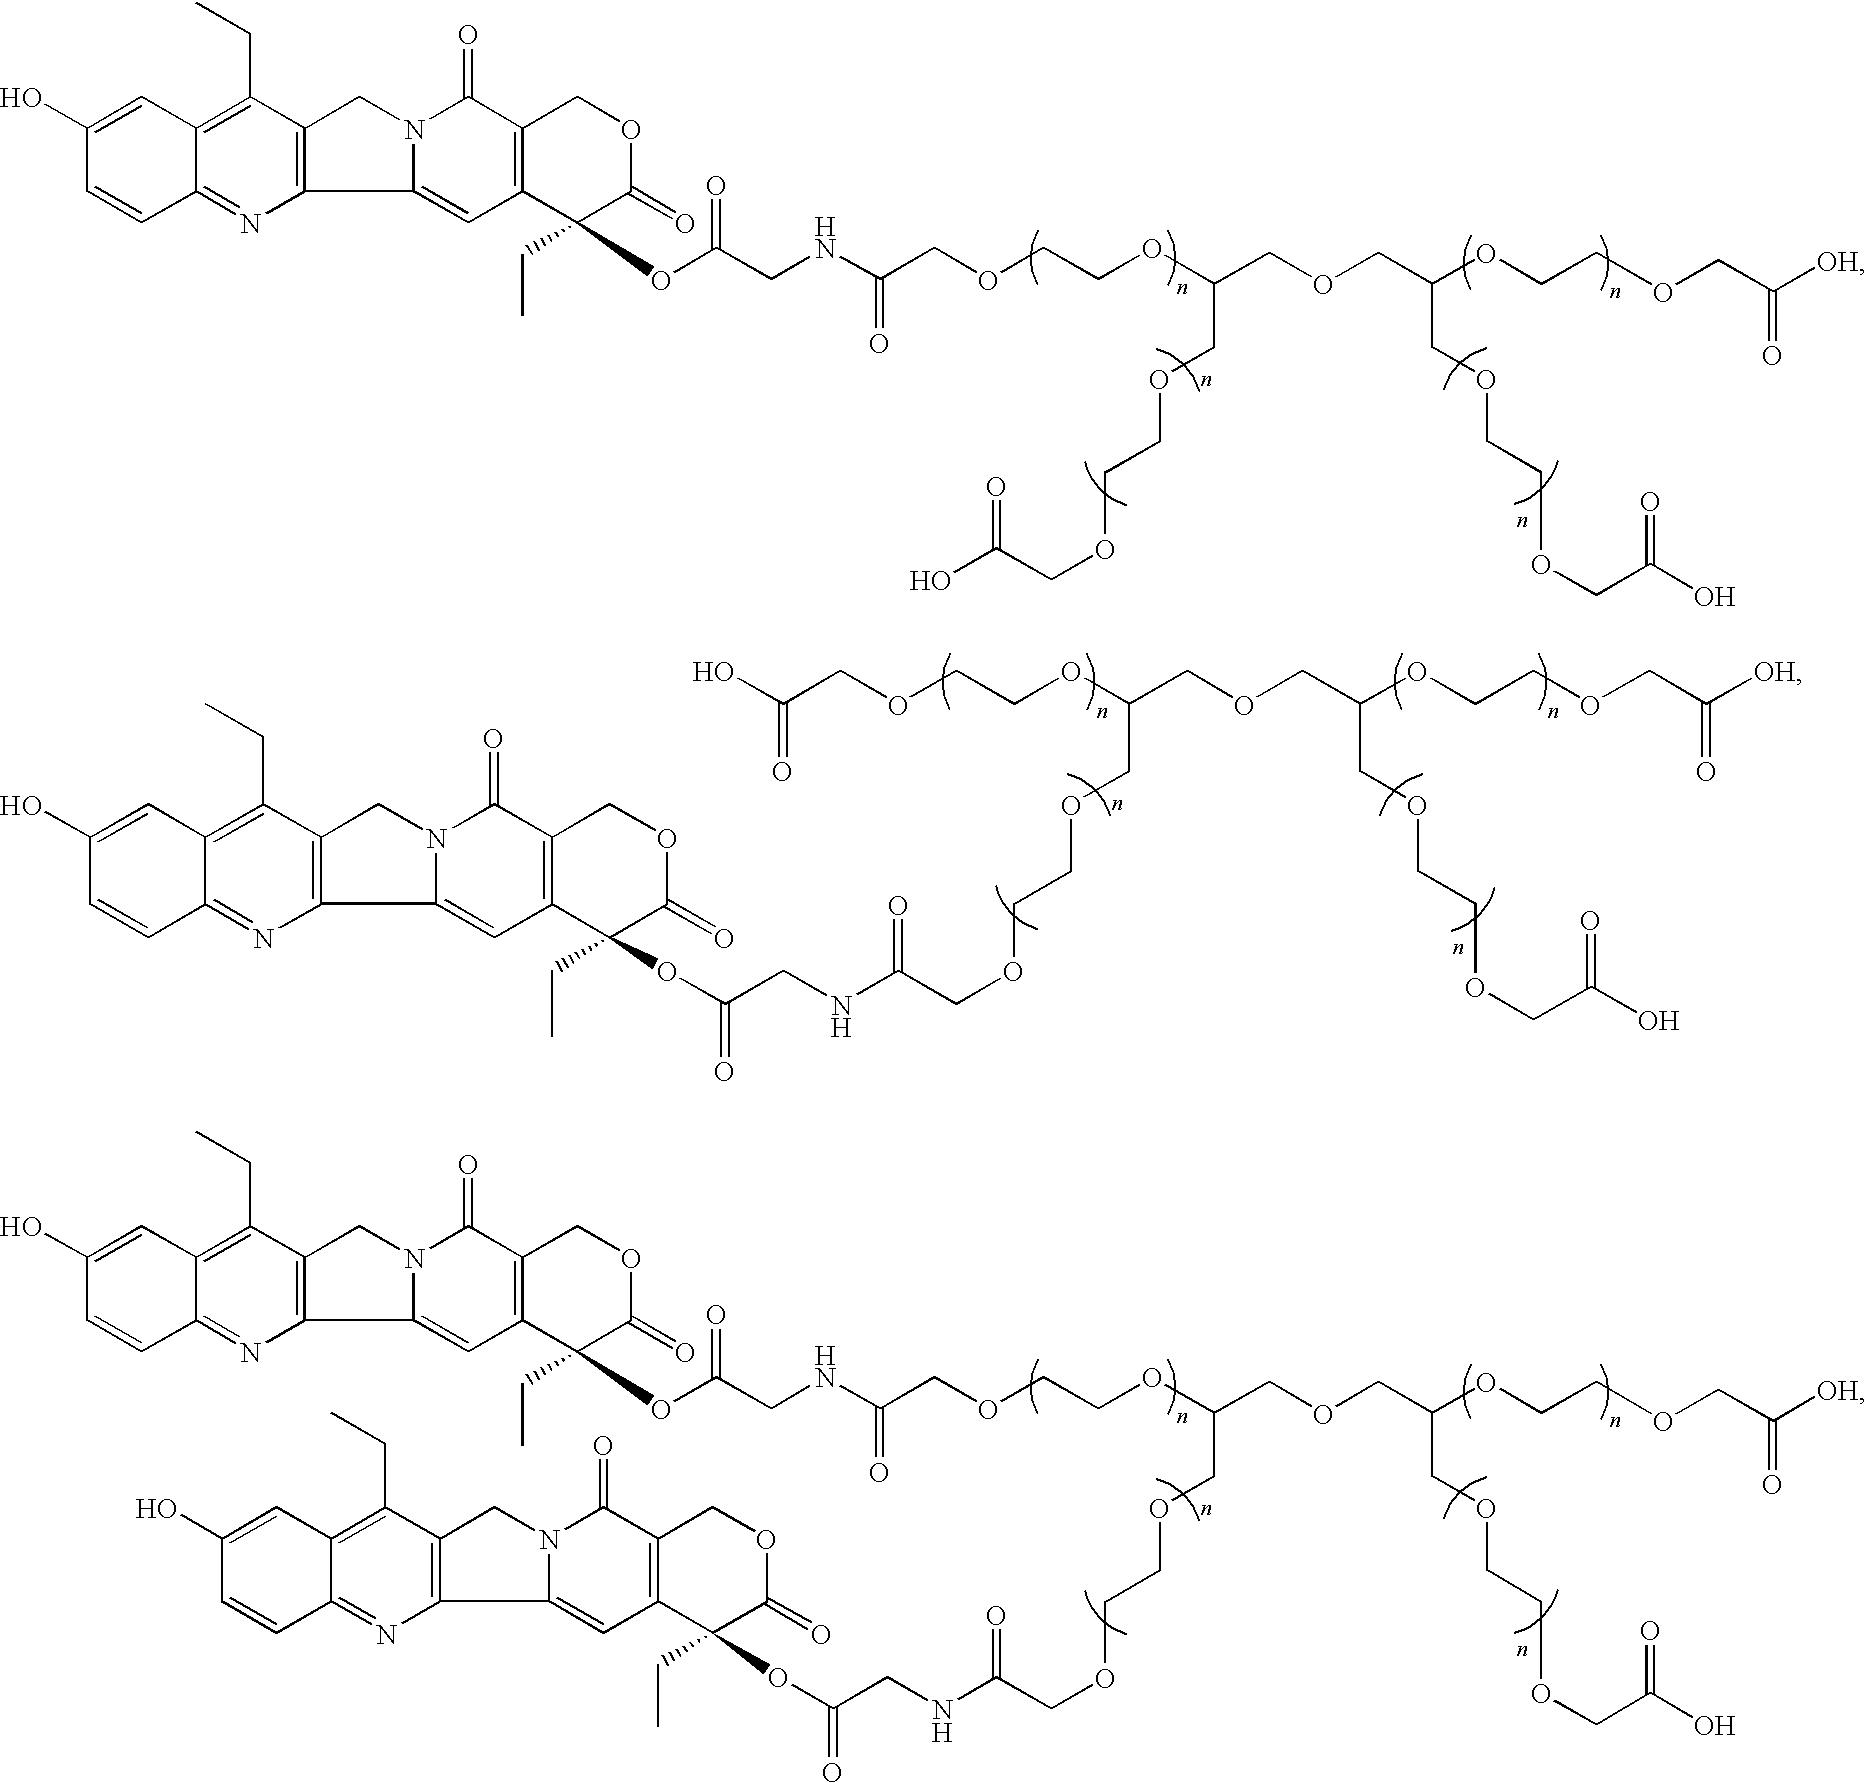 Figure US20100056555A1-20100304-C00027